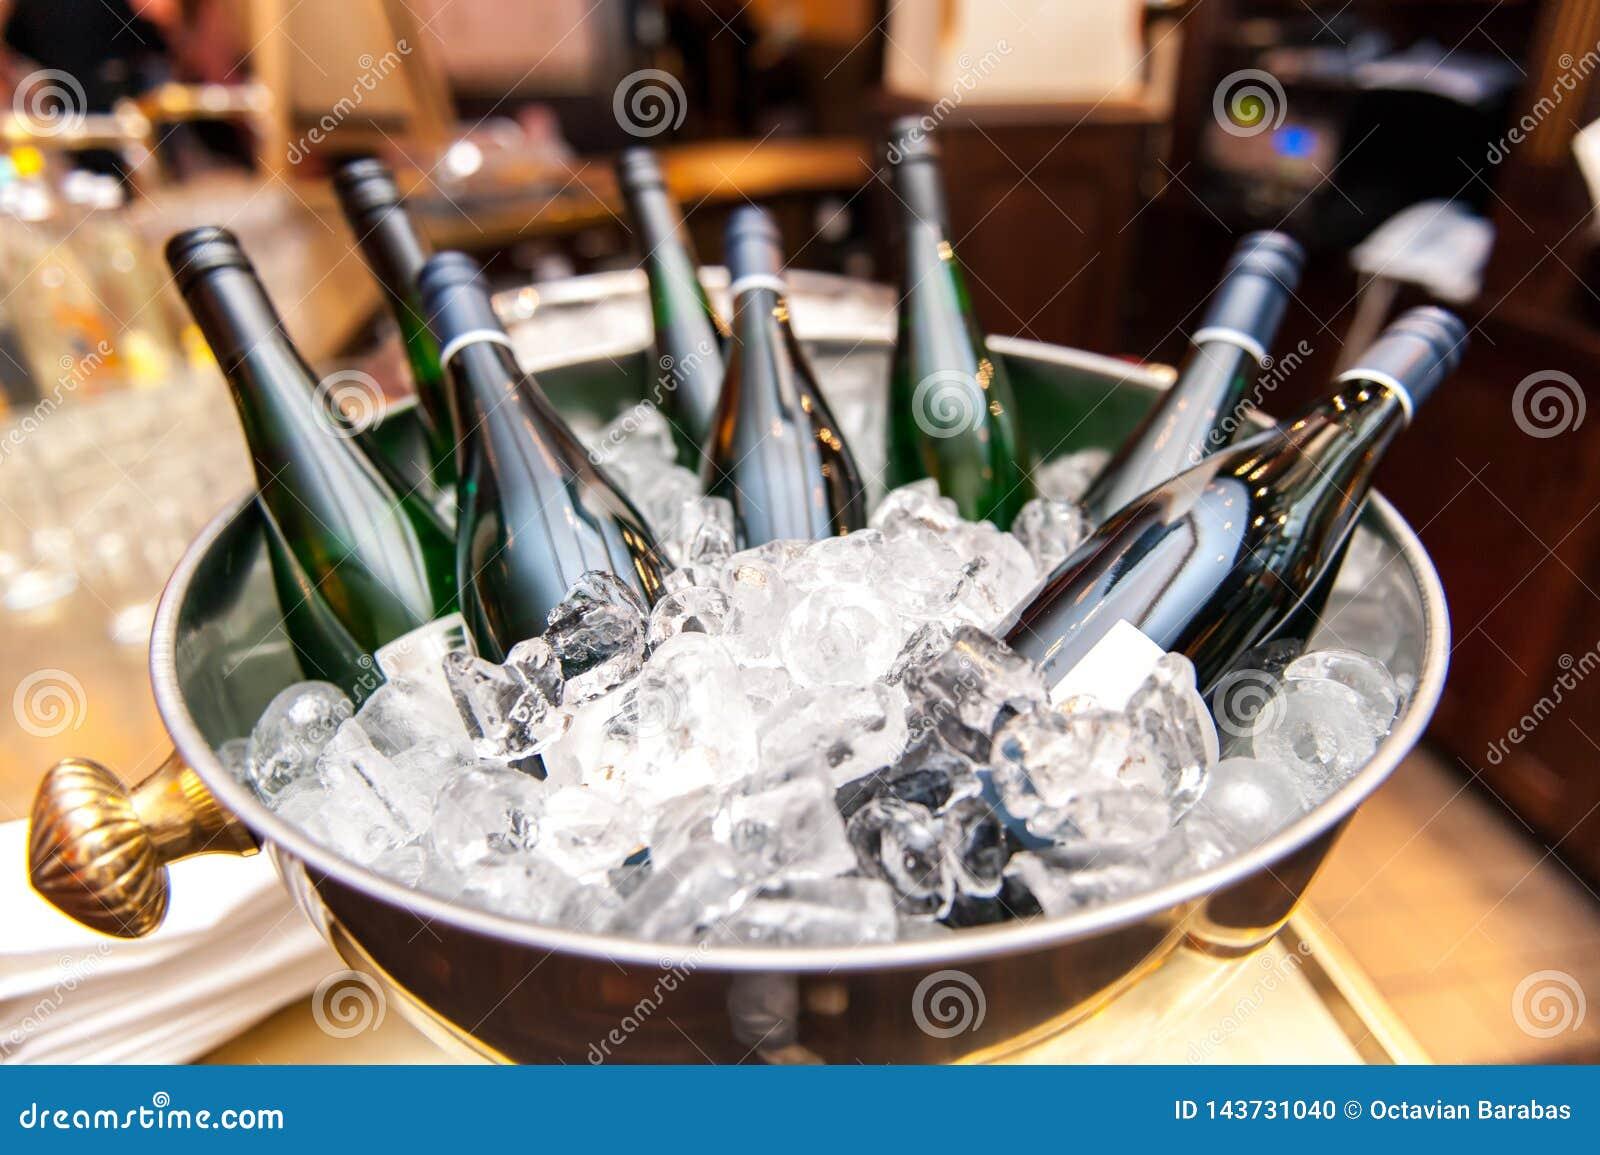 Weißweinflaschen in der Schüssel Eis